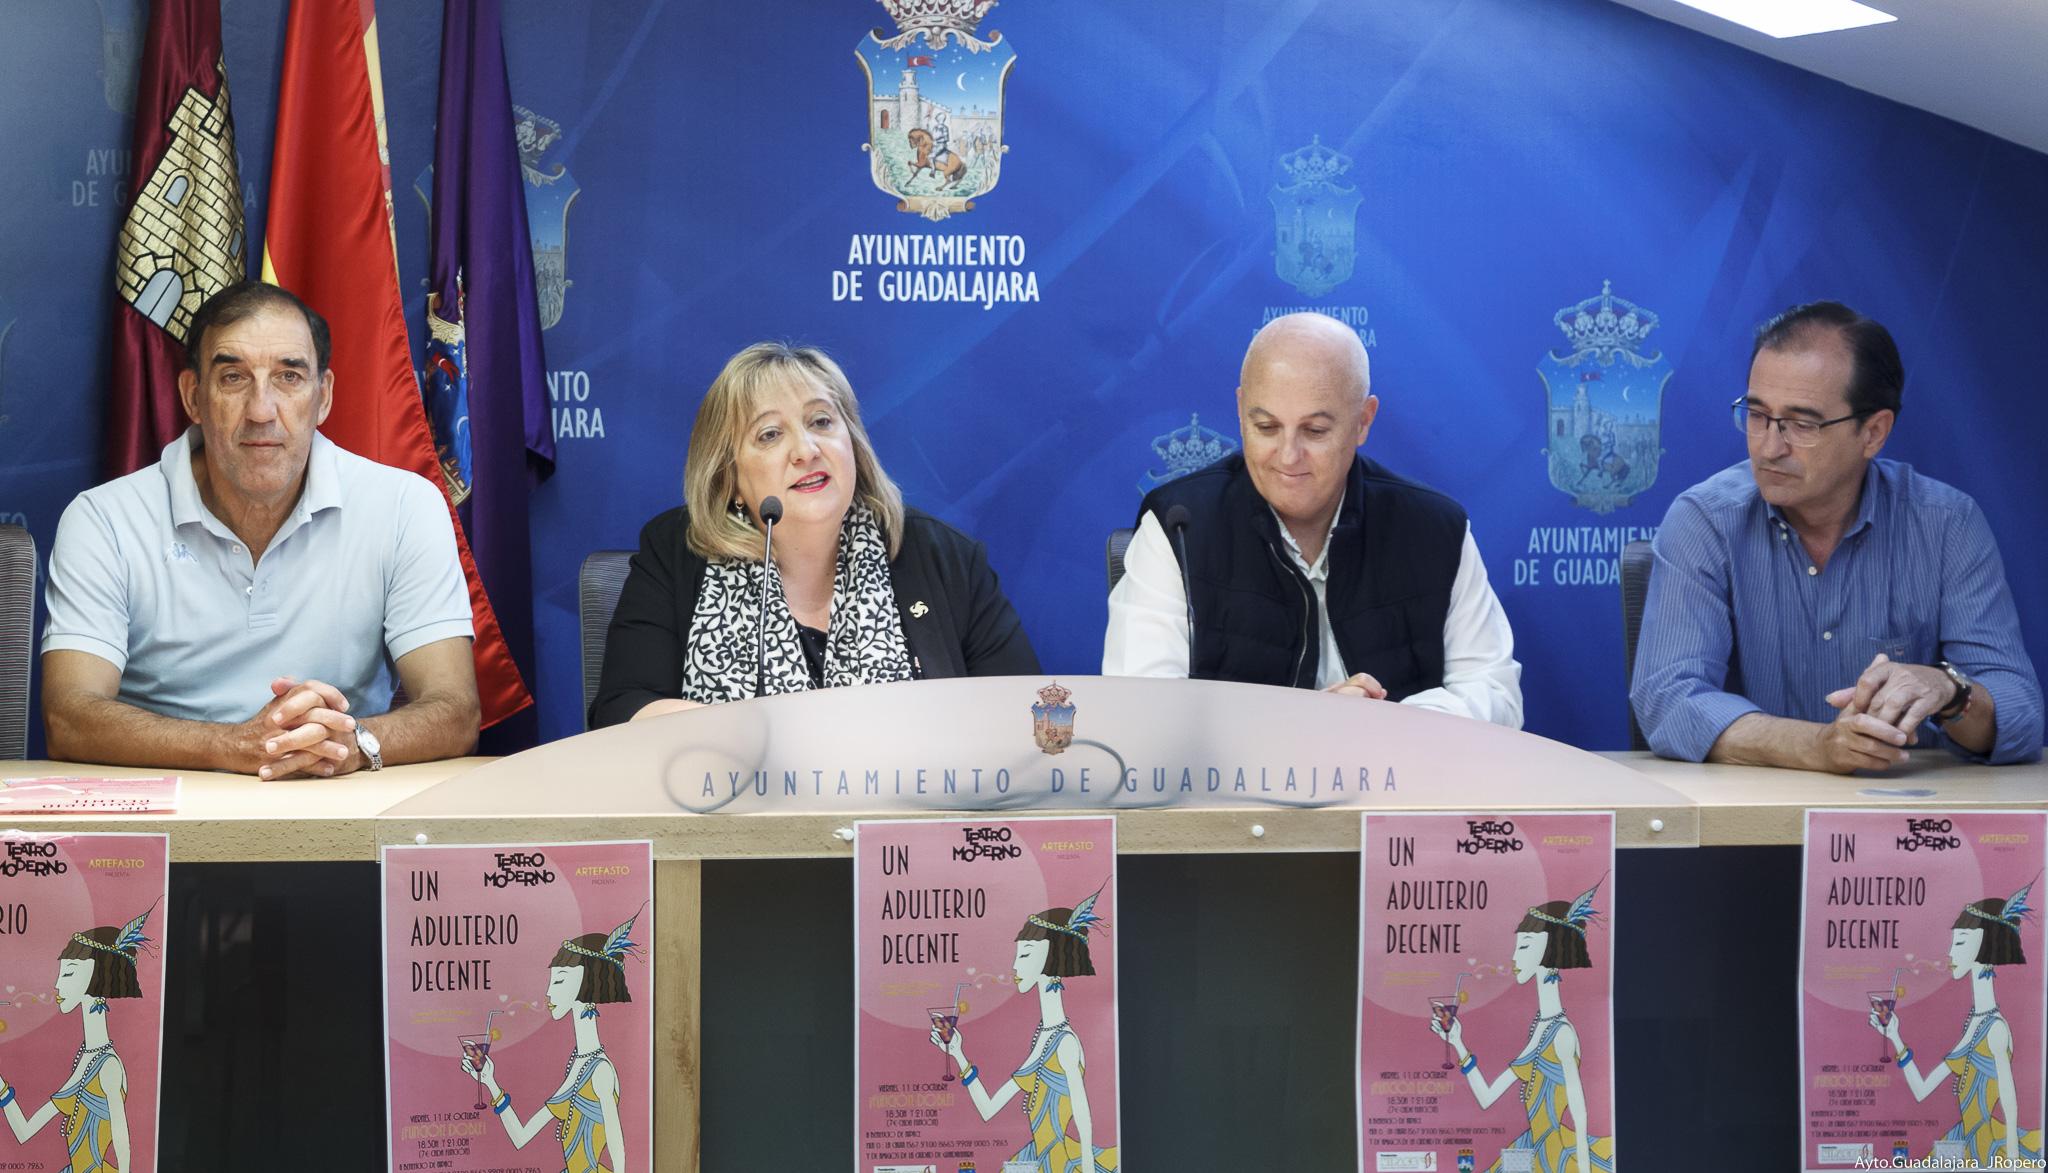 La recaudación   de la divertida comedia de Jardiel Poncela, Un adulterio decente, se destinará a  la Fundación Nipace y a la  asociación Amigos de Guadalajara